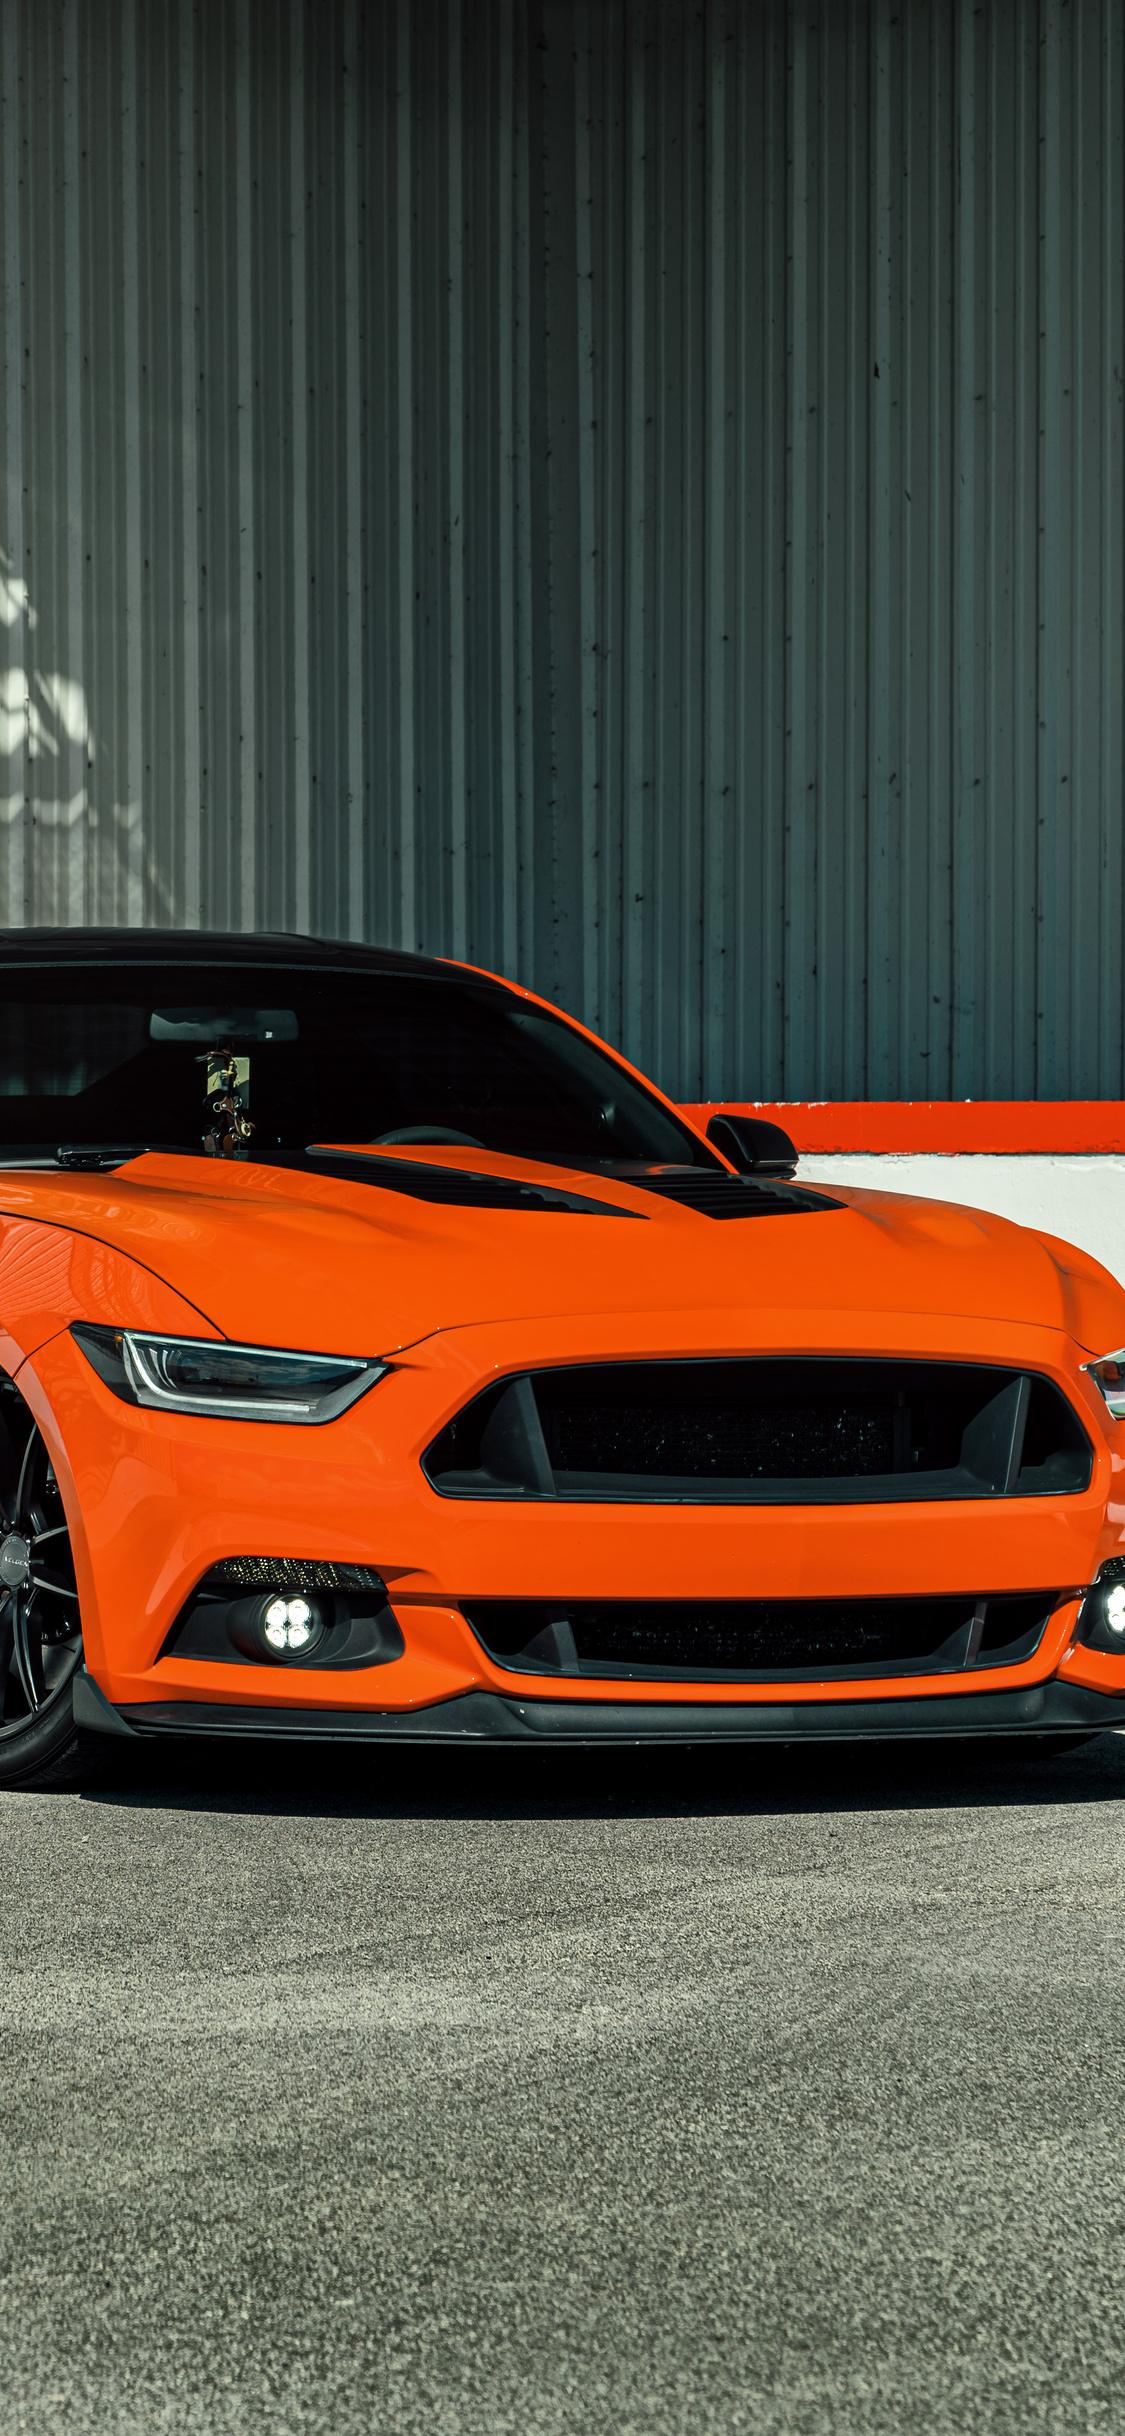 velgen-wheels-orange-ford-mustang-8k-ib.jpg